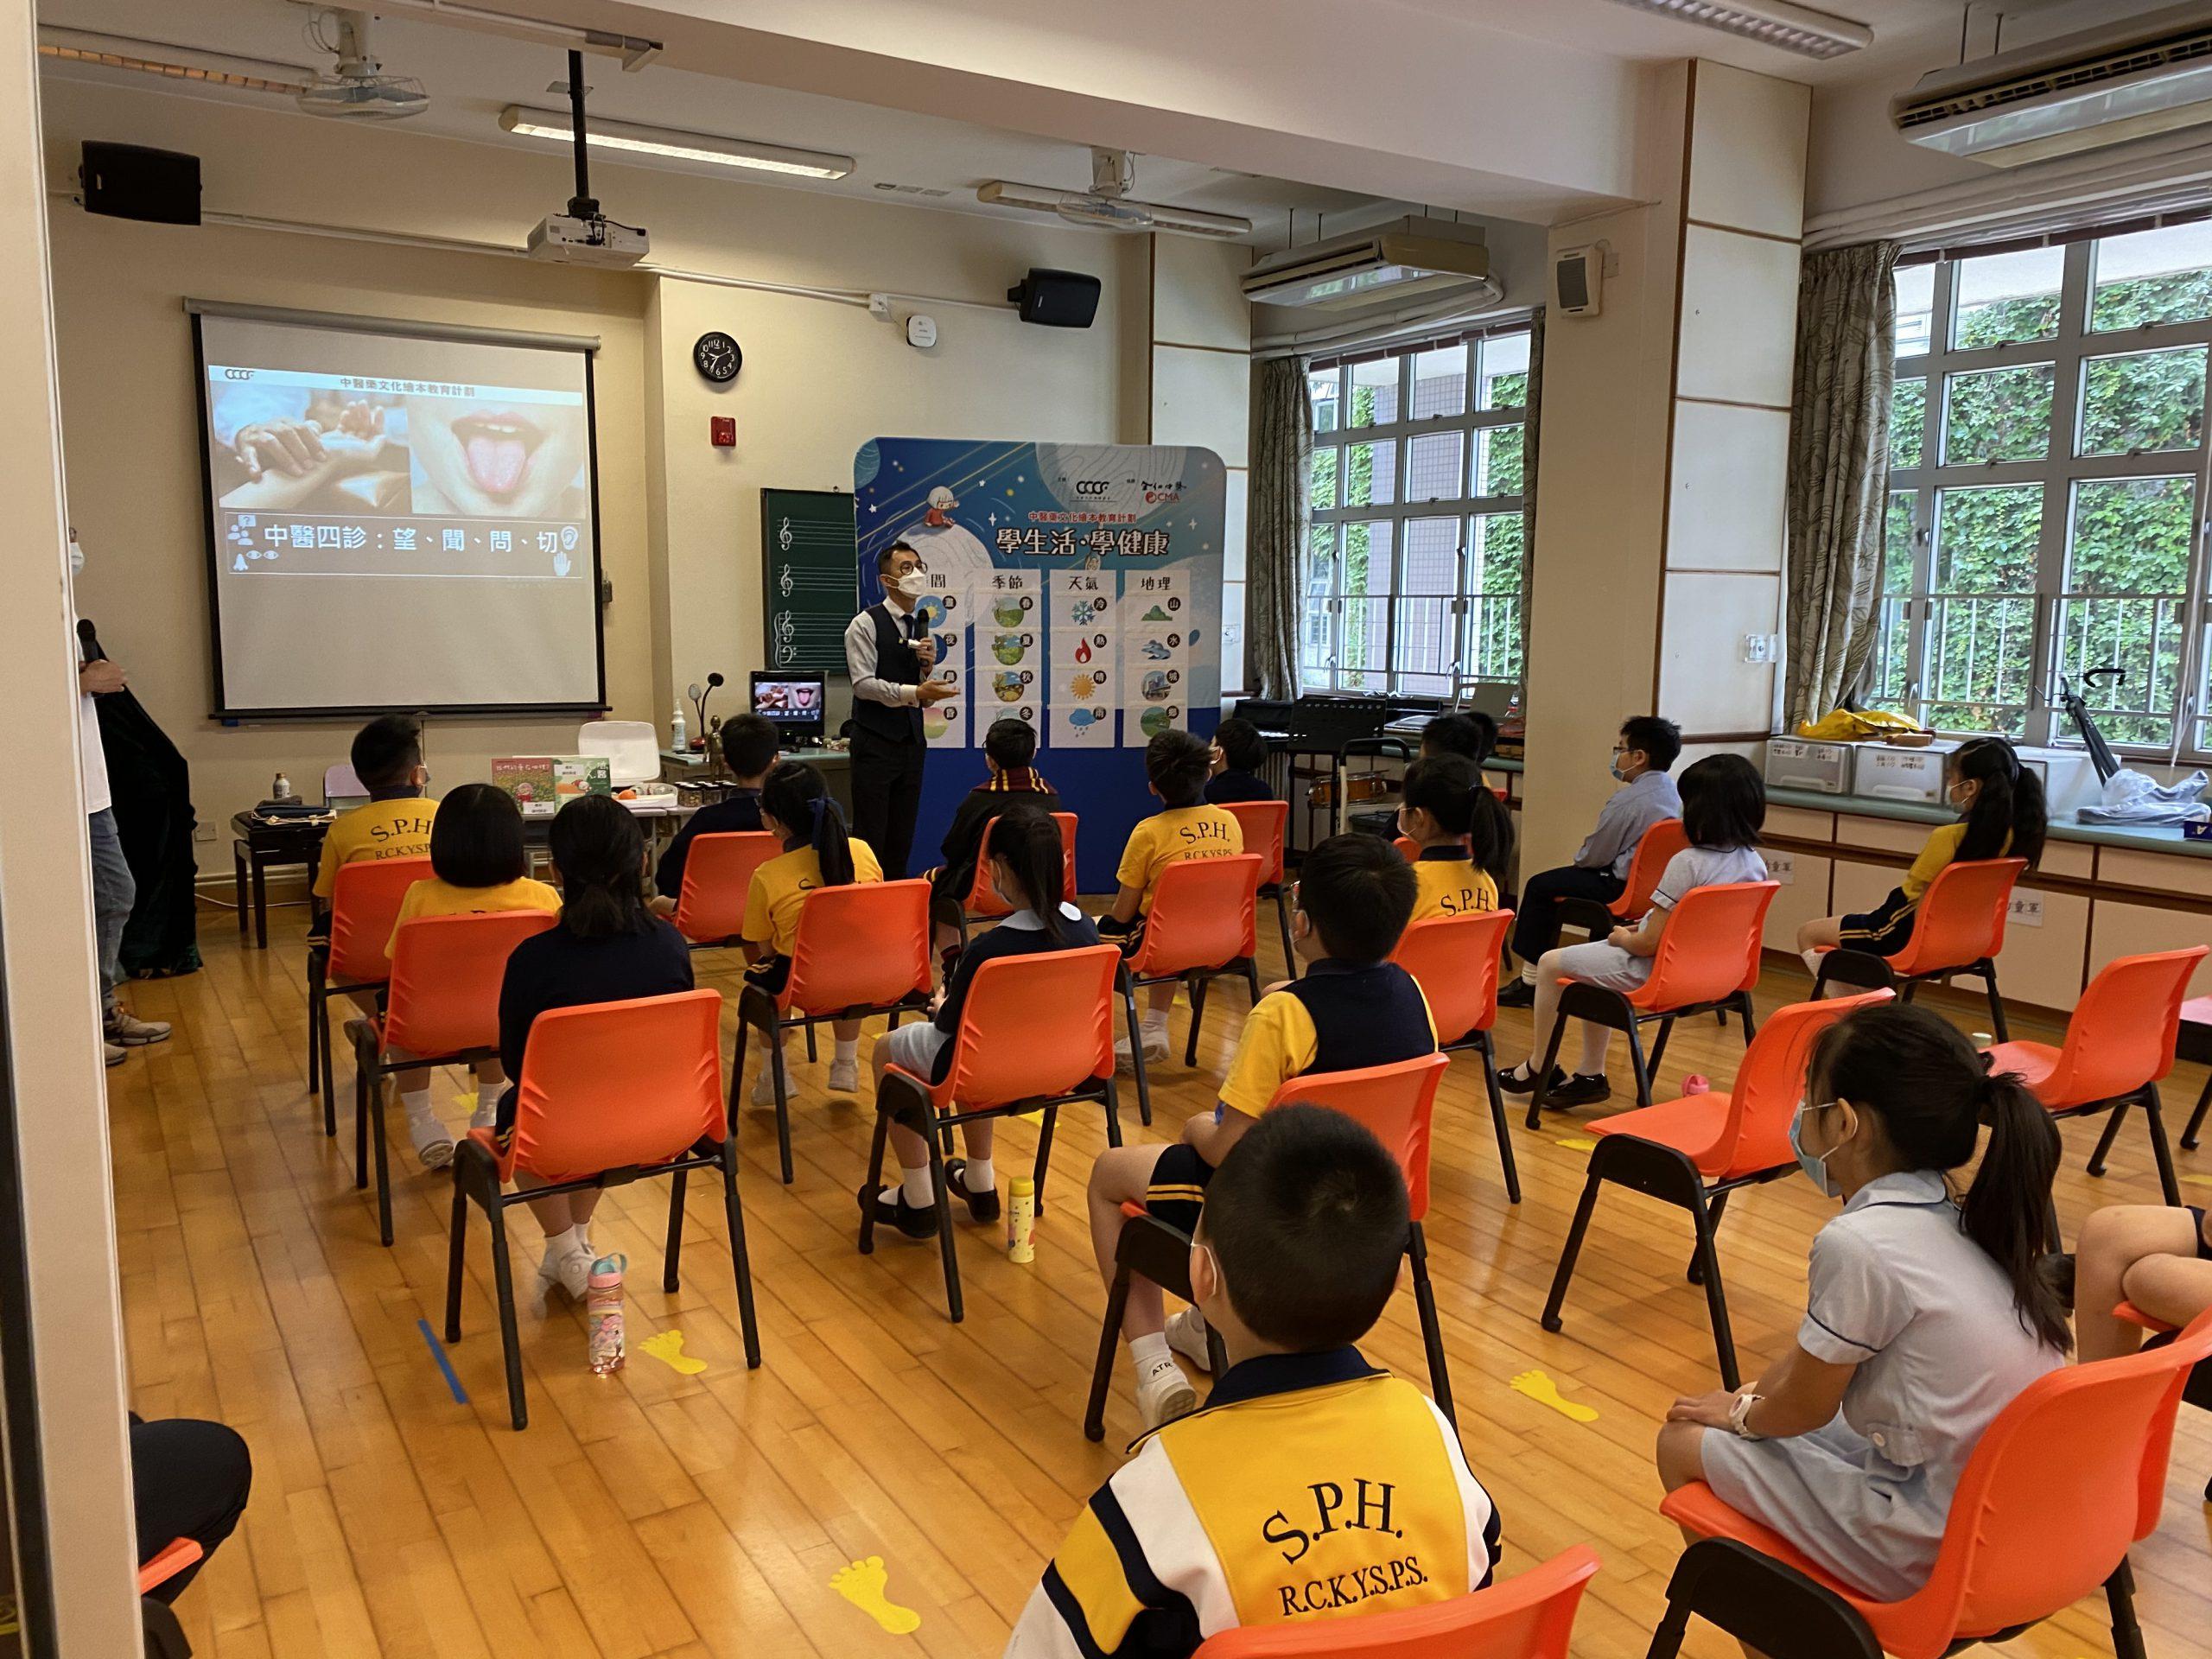 中醫講座 – 小學校訪活動 – 十八鄉鄉事委員會公益社小學